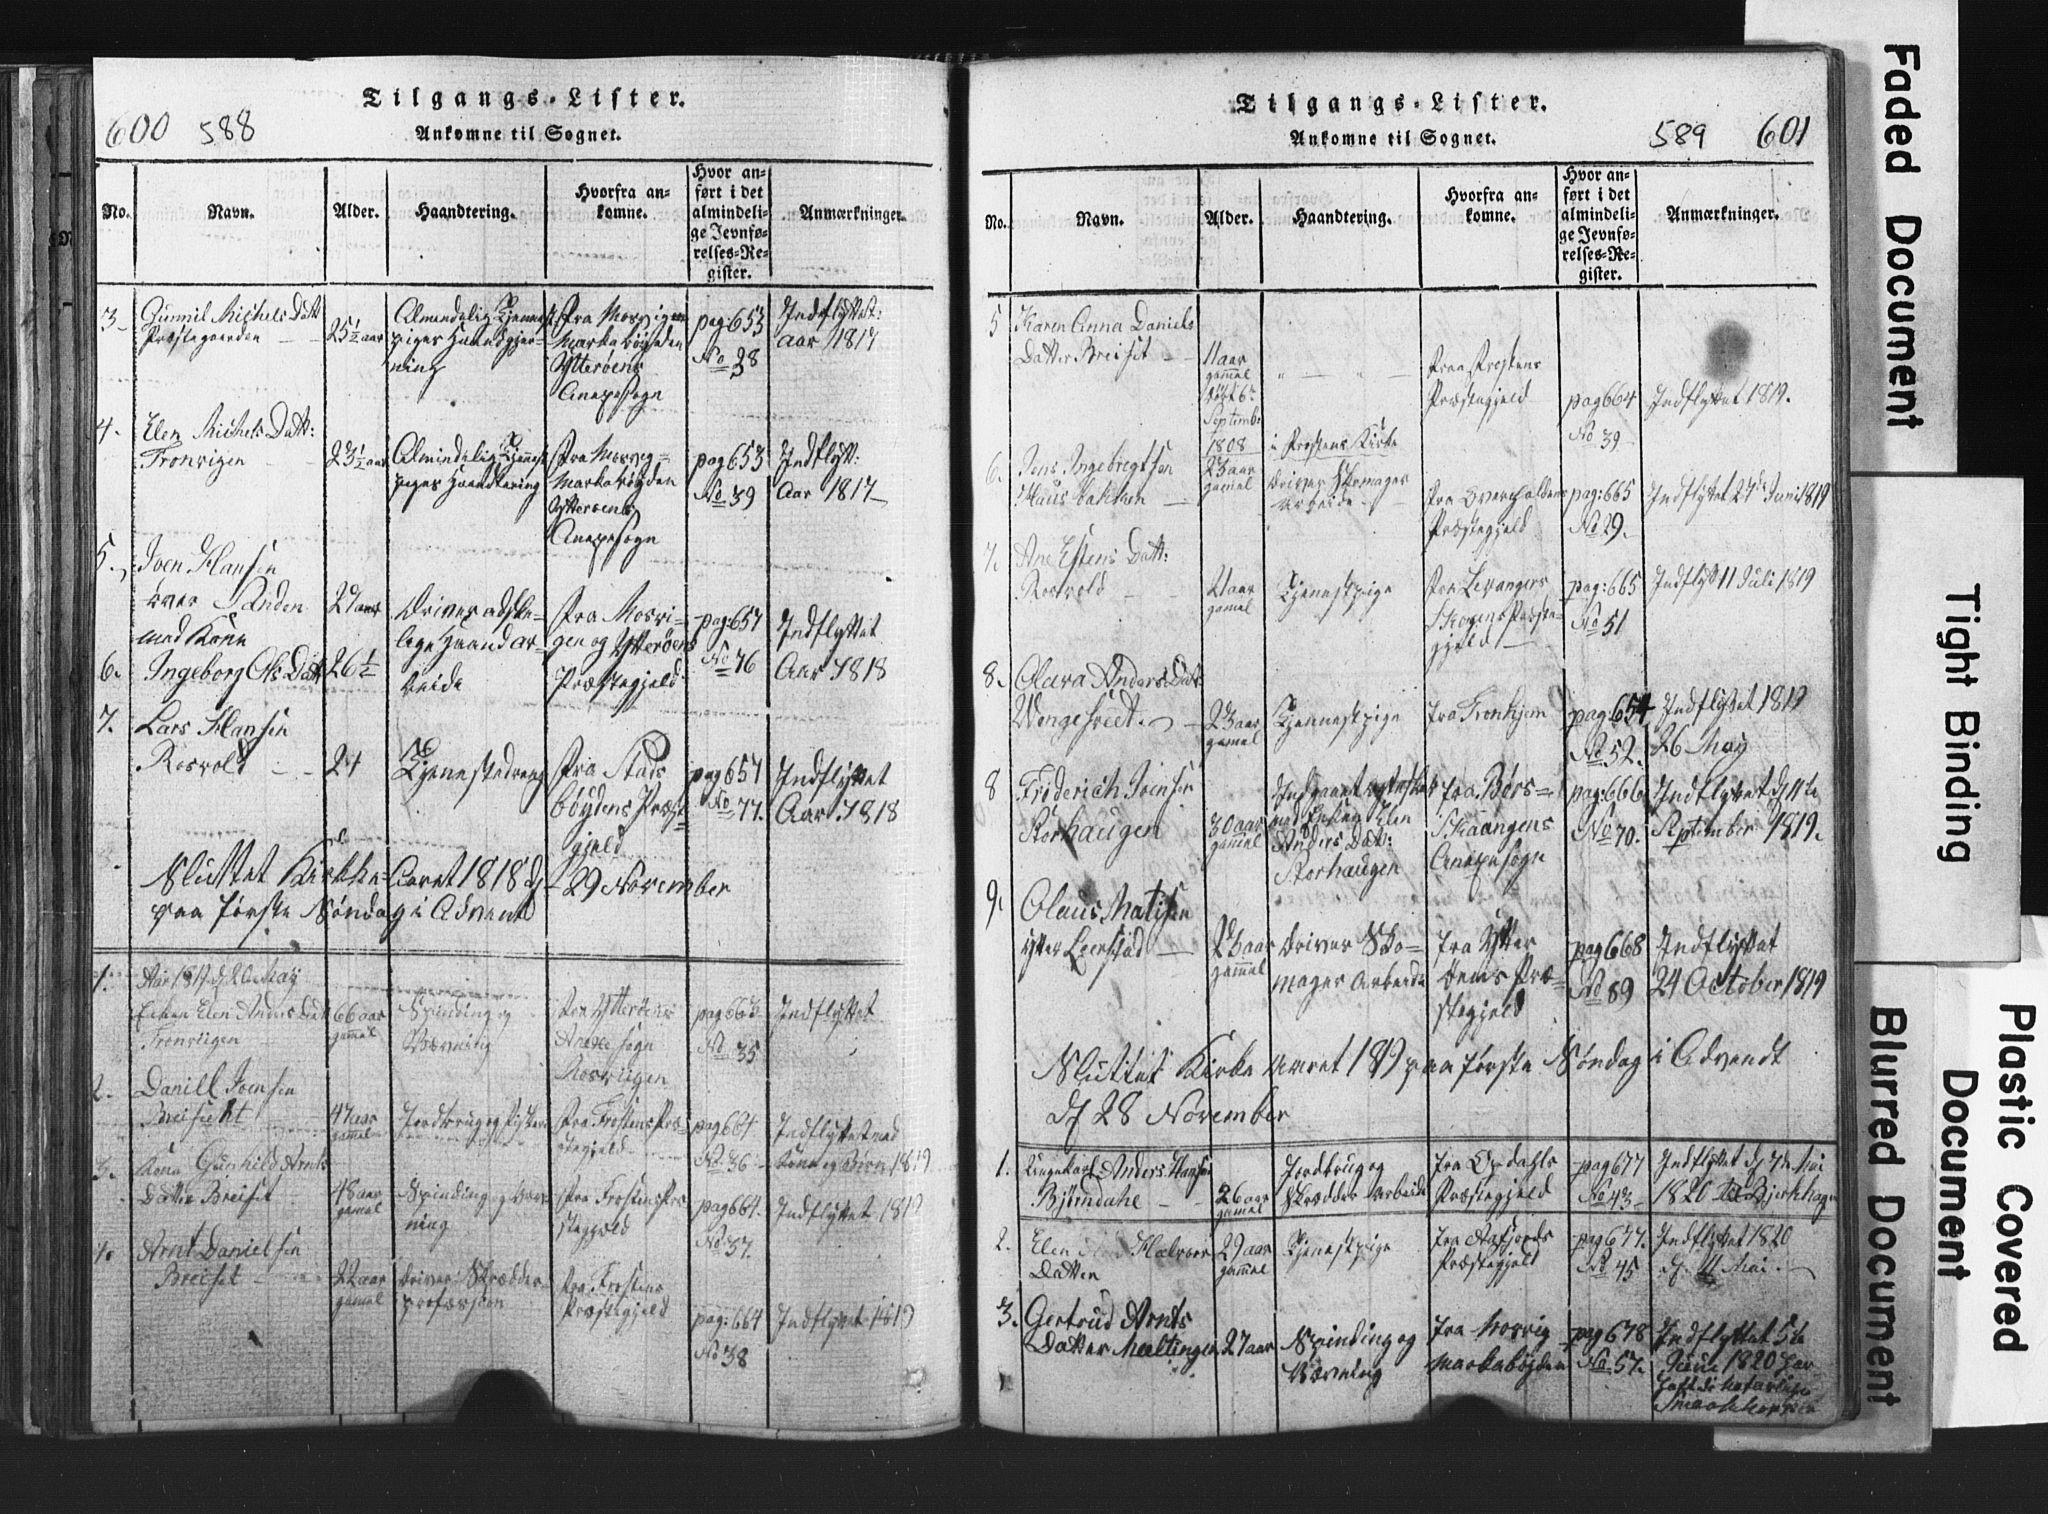 SAT, Ministerialprotokoller, klokkerbøker og fødselsregistre - Nord-Trøndelag, 701/L0017: Klokkerbok nr. 701C01, 1817-1825, s. 588-589